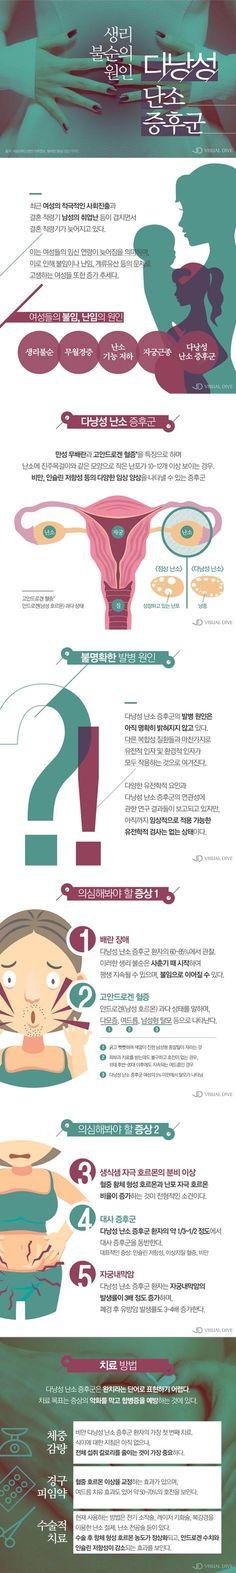 '다낭성 난소증후군' 증상과 치료법은? [카드뉴스] #syndrome / #cardnews ⓒ 비주얼다이브 무단 복사·전재·재배포 금지